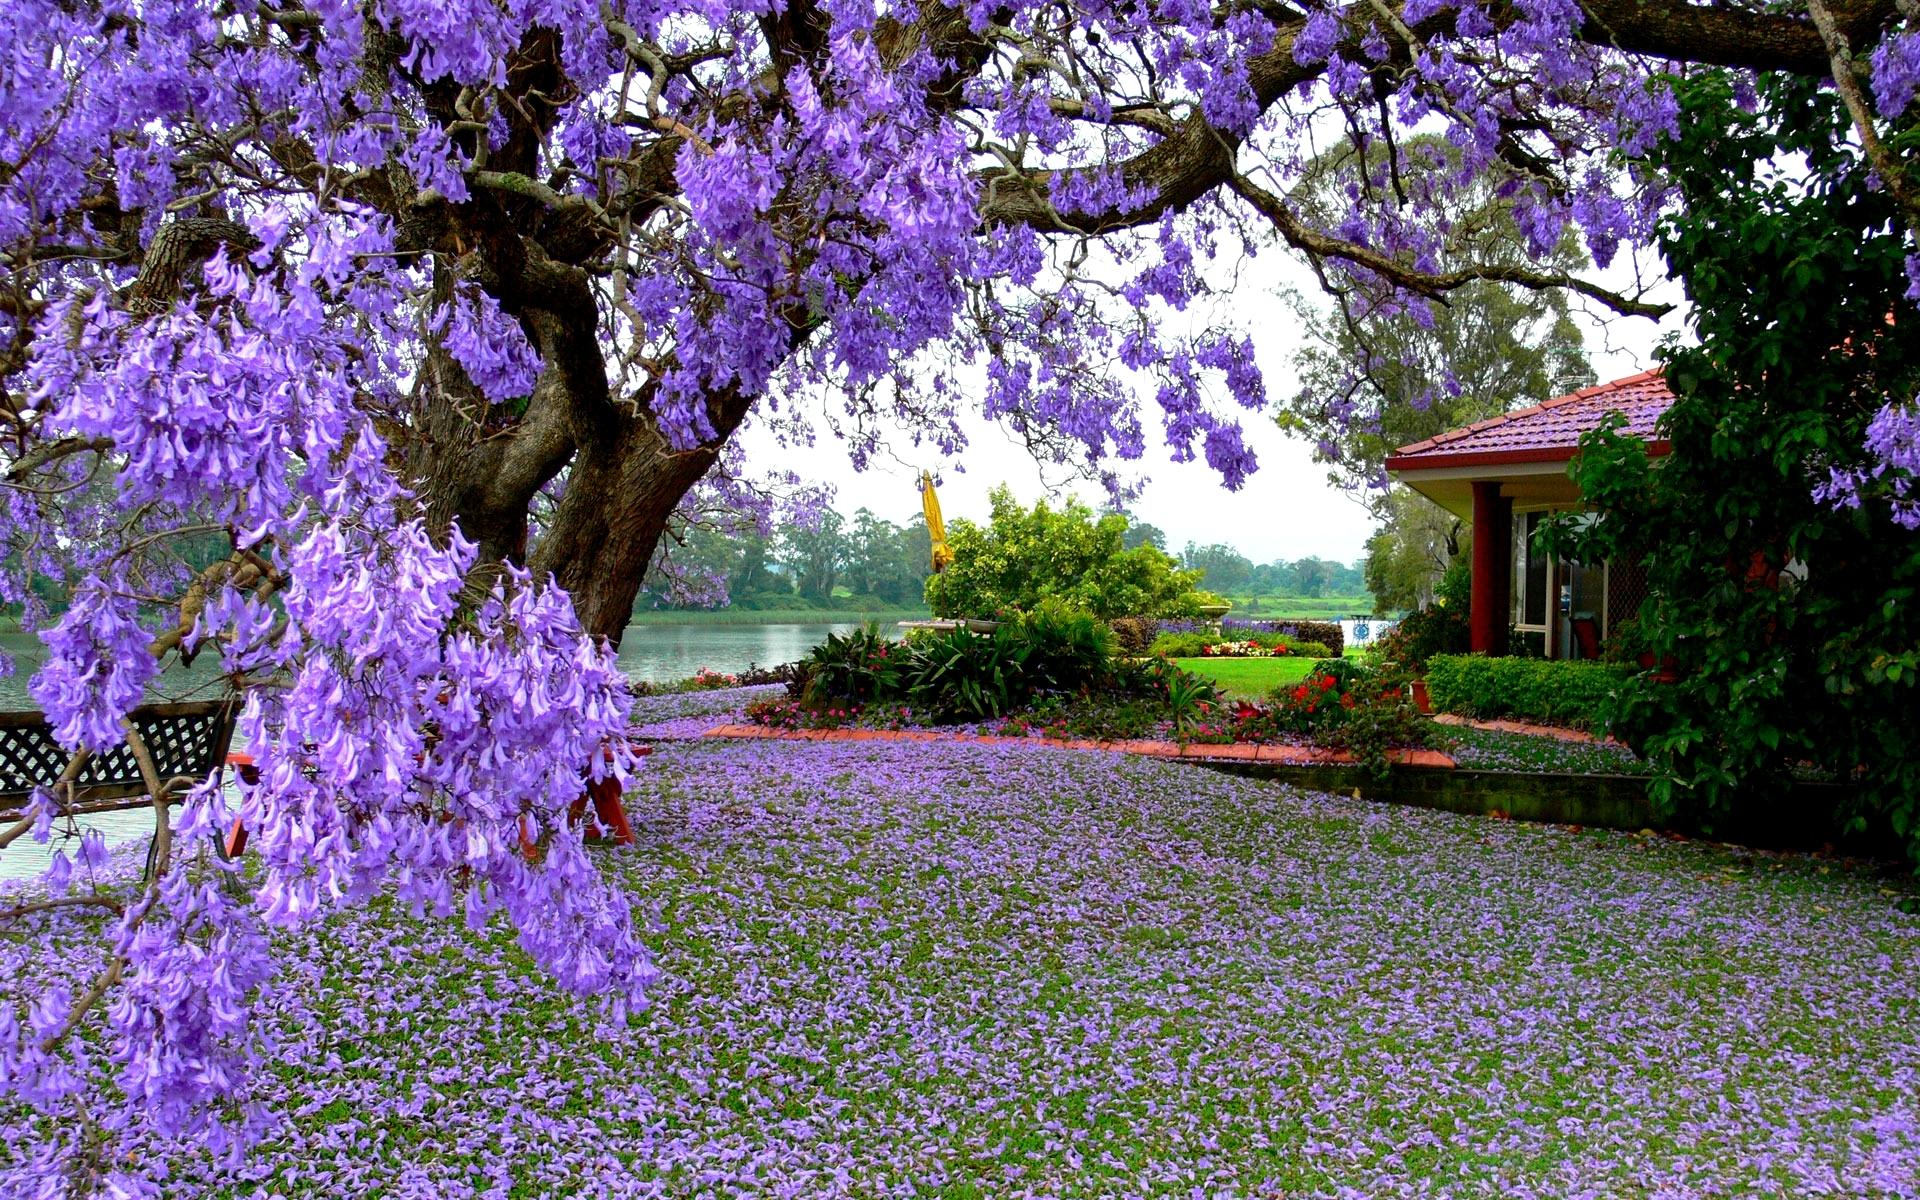 بالصور صور فصل الربيع , اروع صور لفصل الربيع وجماله 2841 10